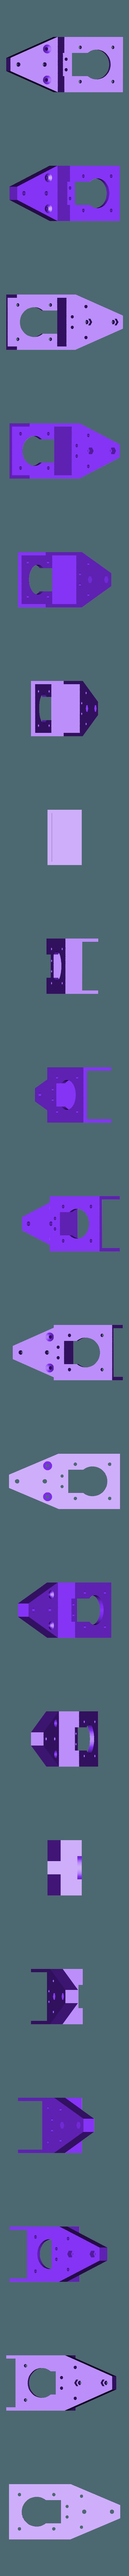 selector_v41_selector_v41_motor_mount_2_Body1_motor_mount.stl Télécharger fichier STL gratuit Plasma Cutter plotter CNC • Modèle à imprimer en 3D, TinkersProjects